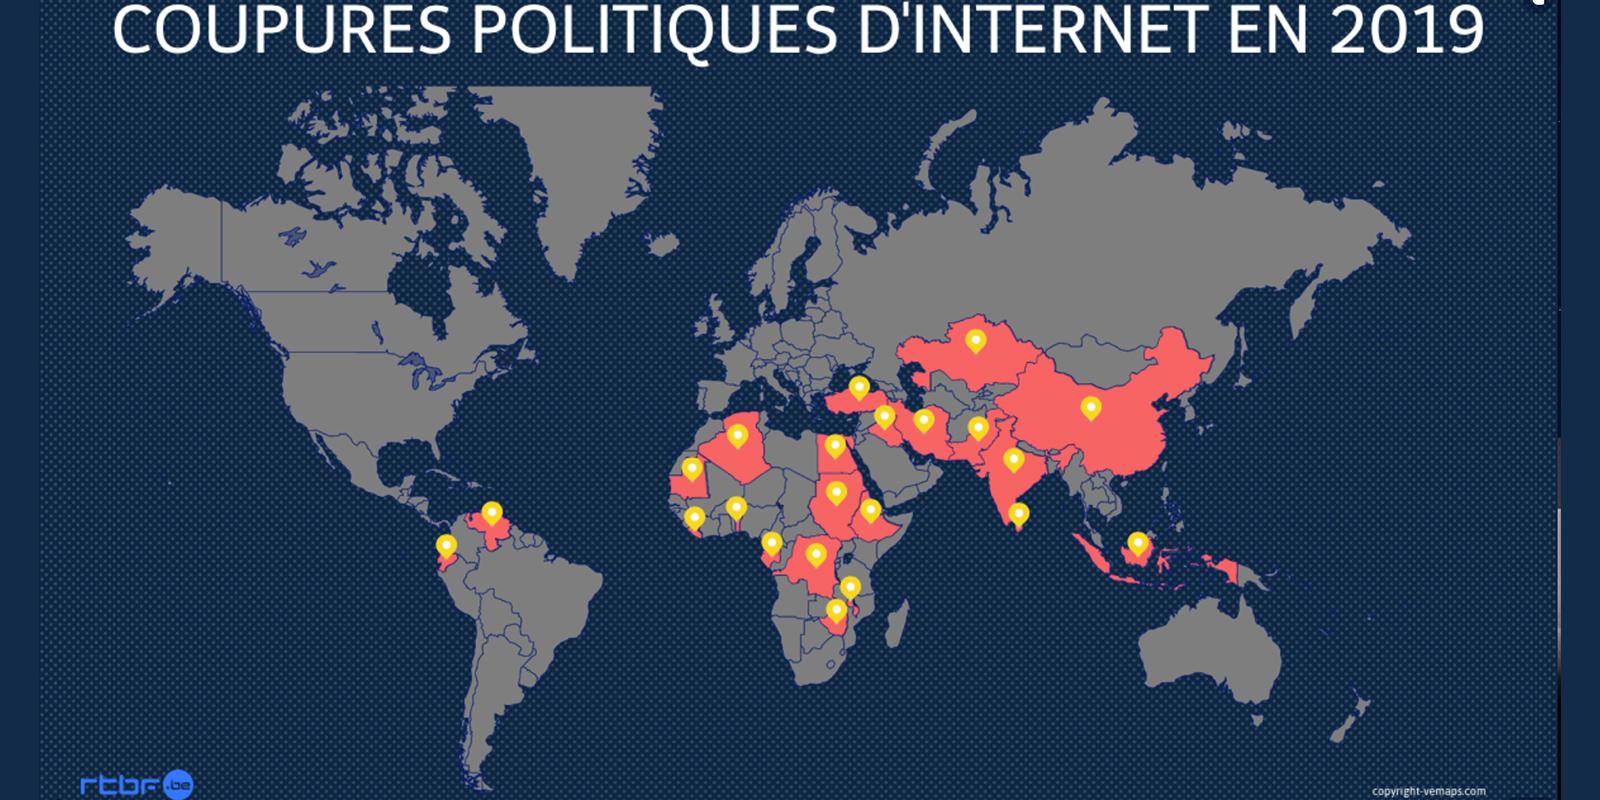 Coupures politiques d'Internet en 2019